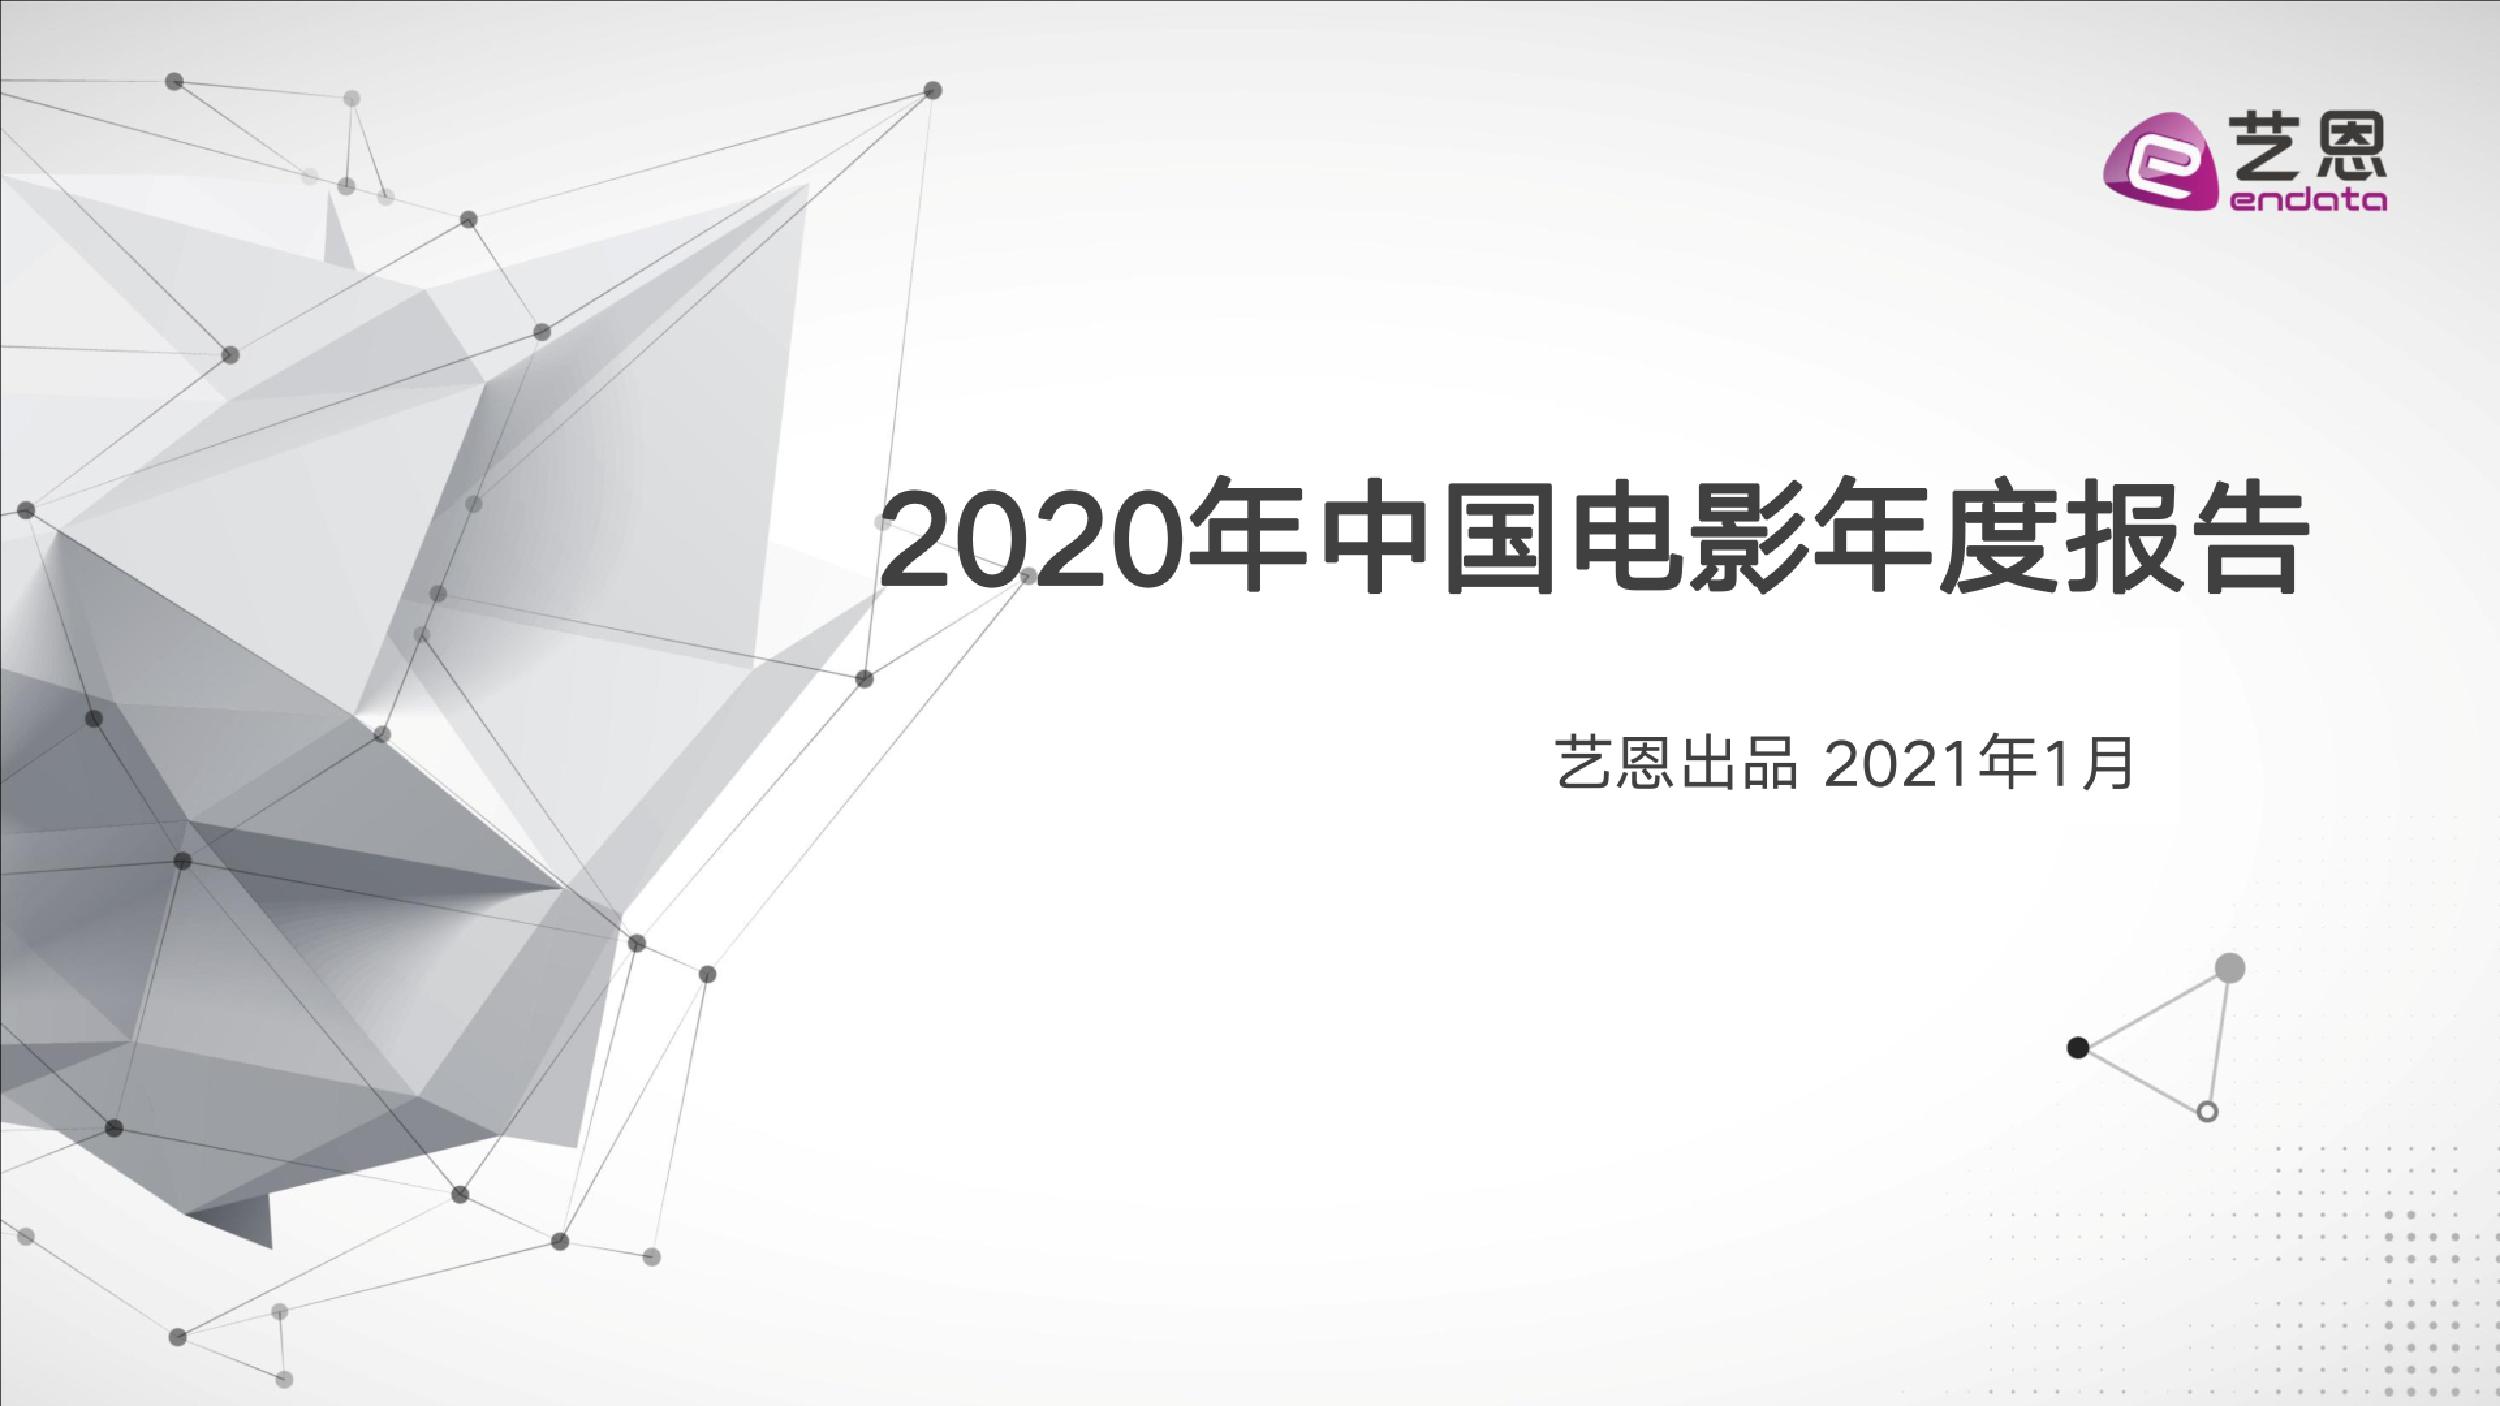 2020中国电影年度报告